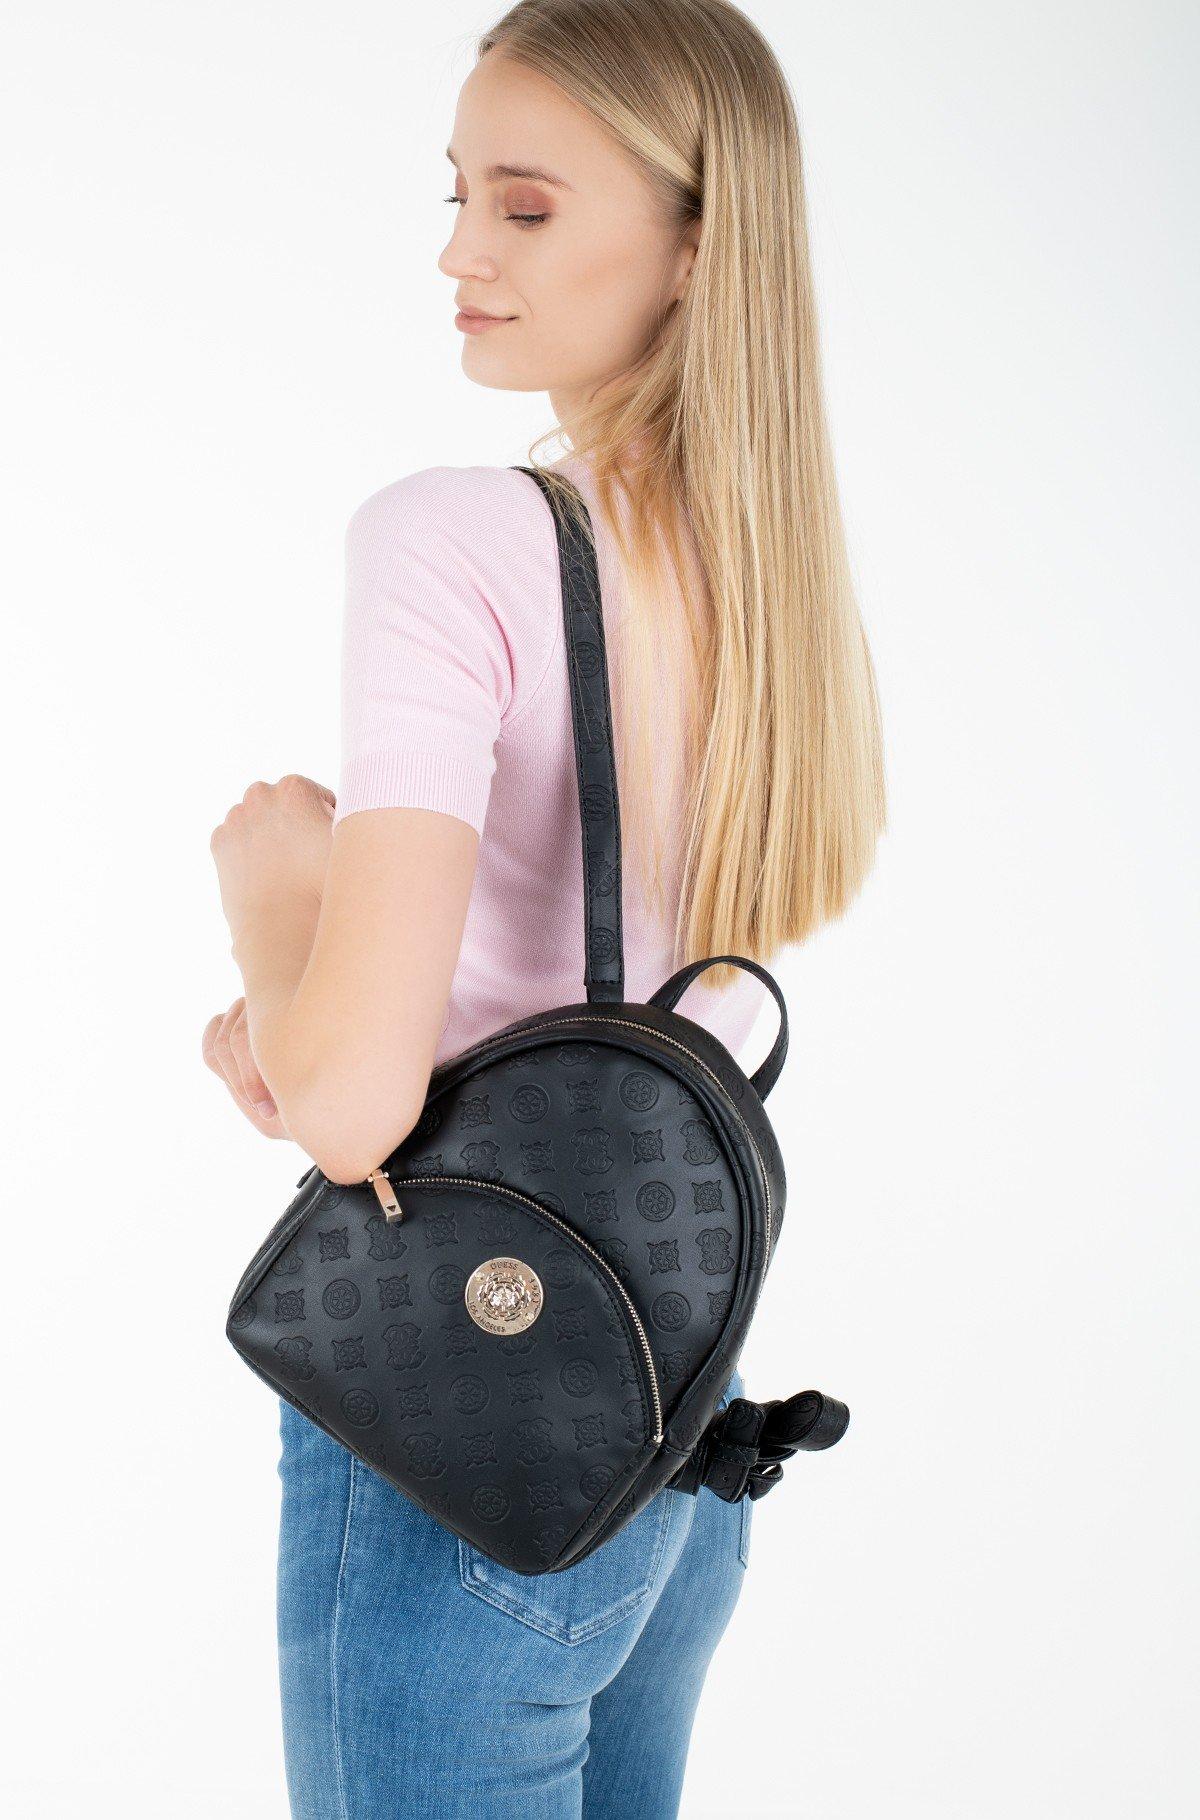 Backbag HWSG79 68320-full-1